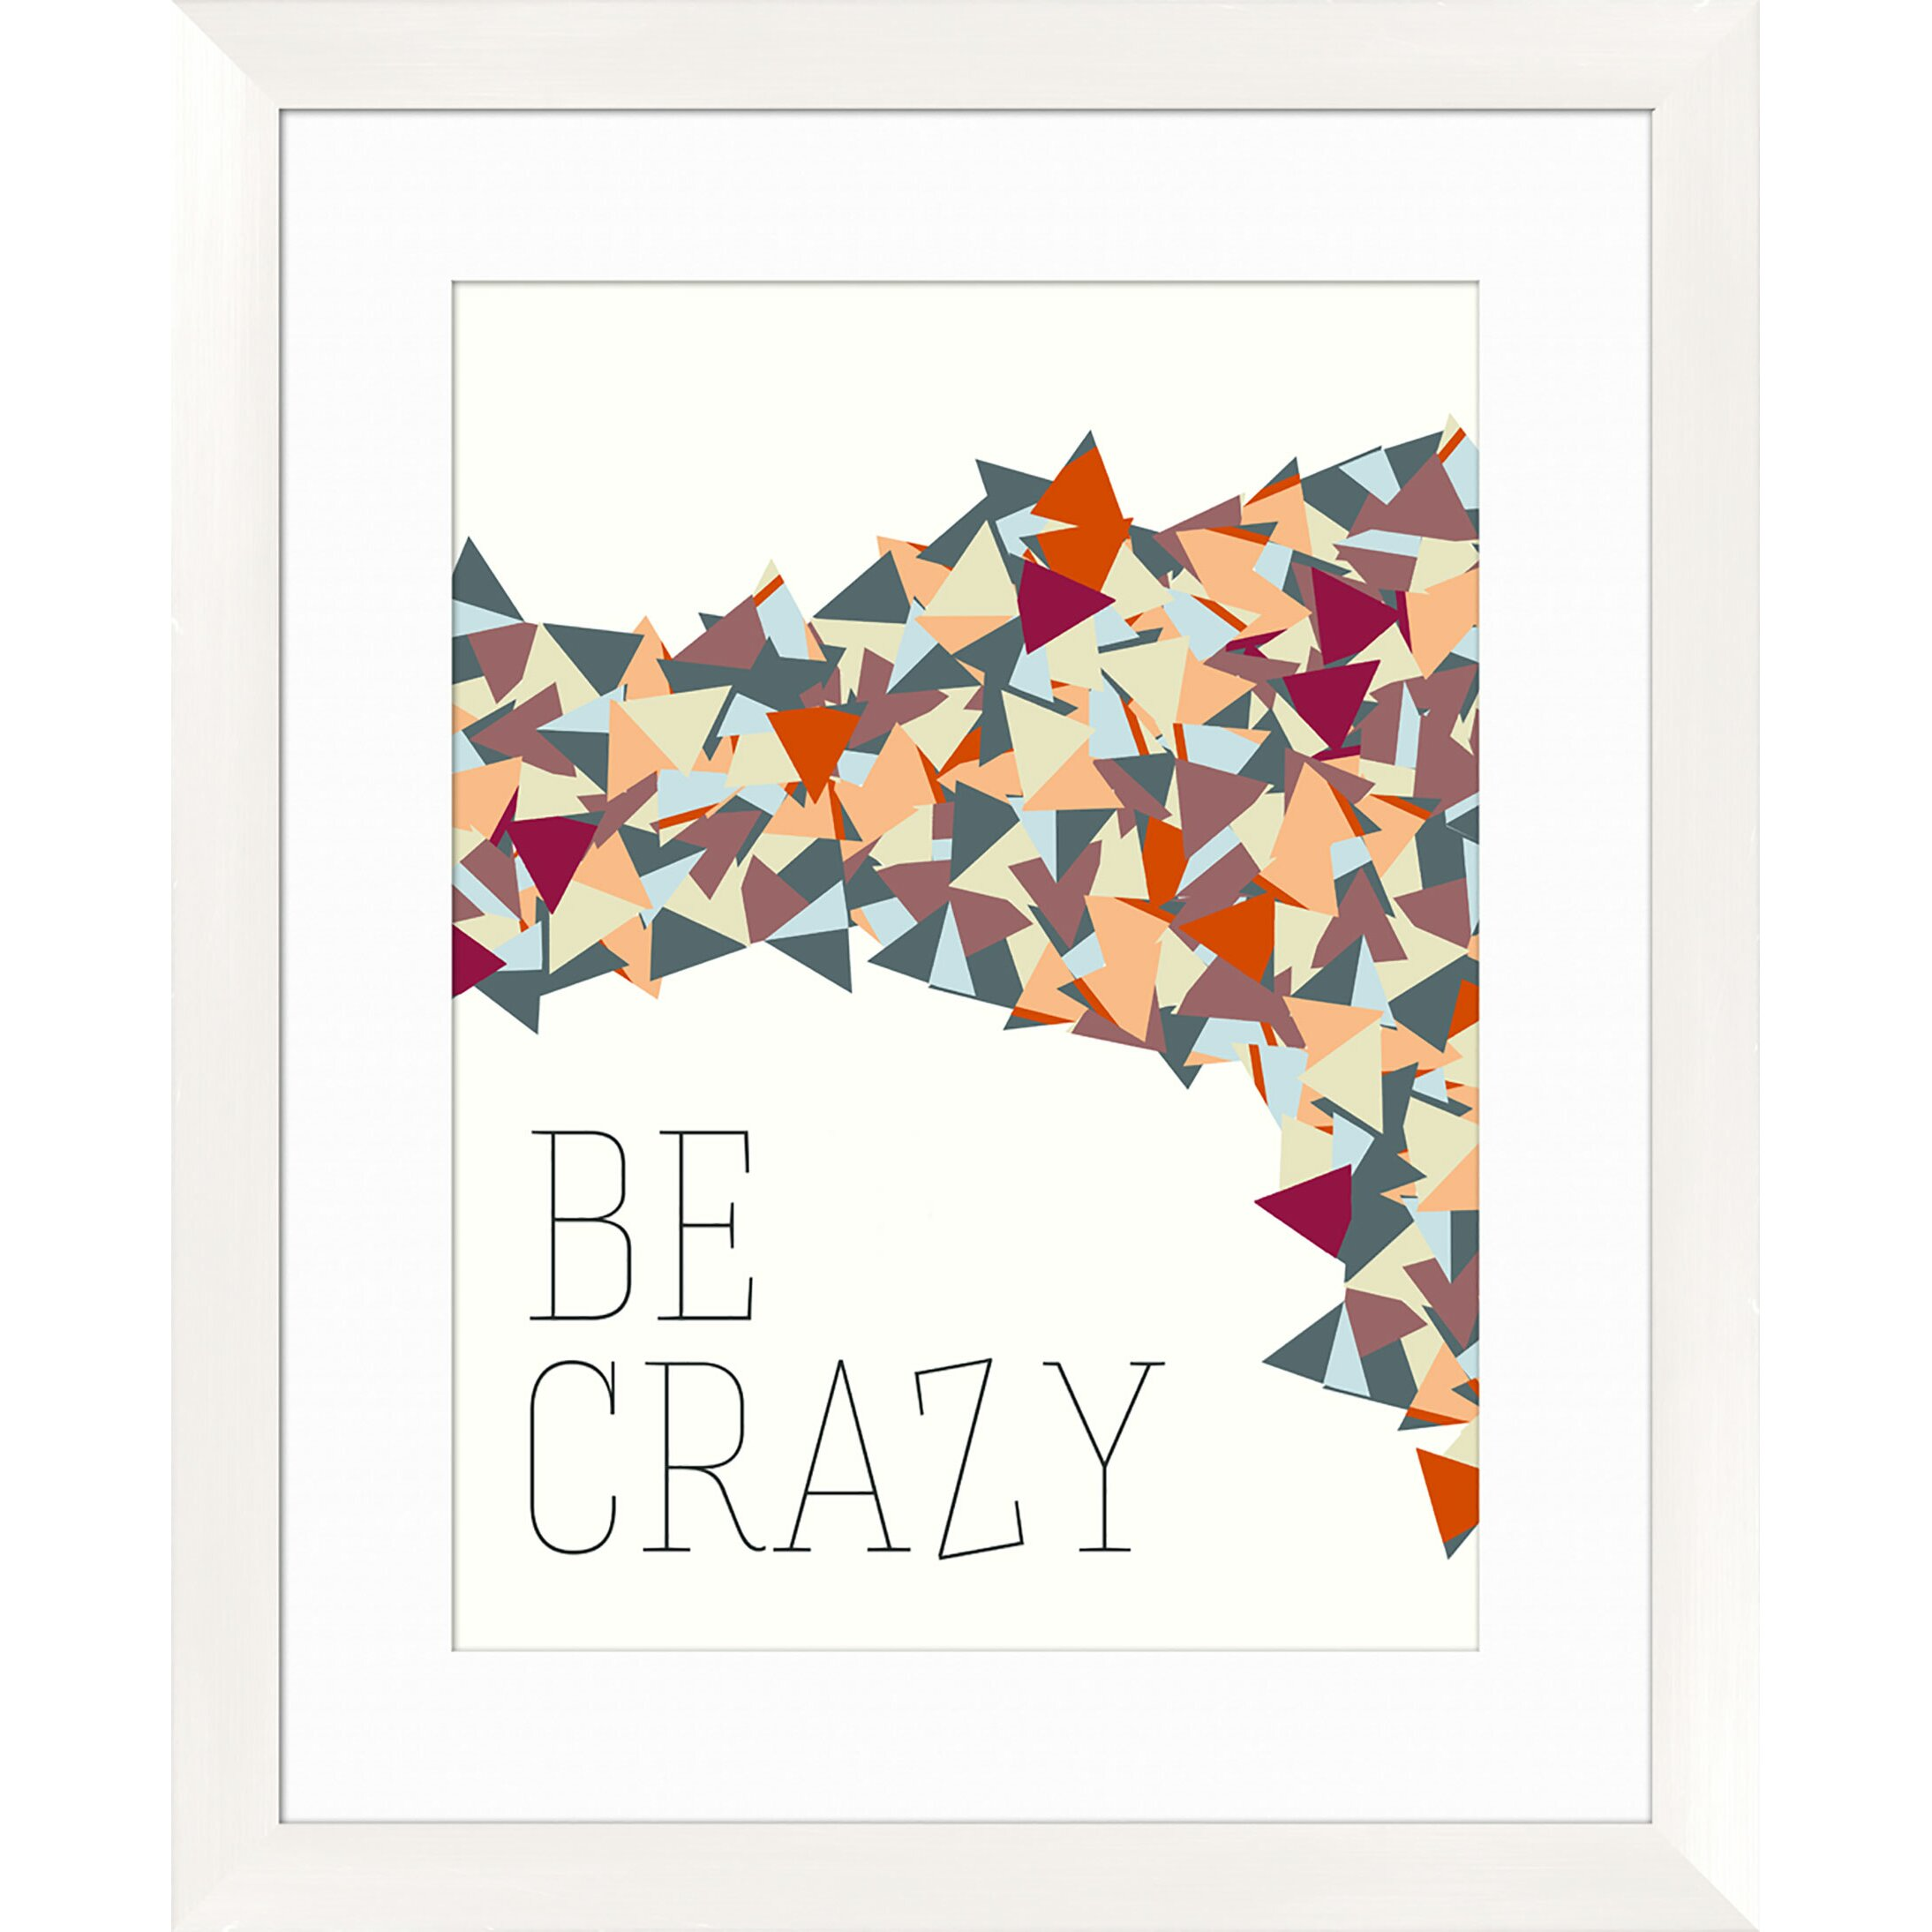 Wild crazy 2